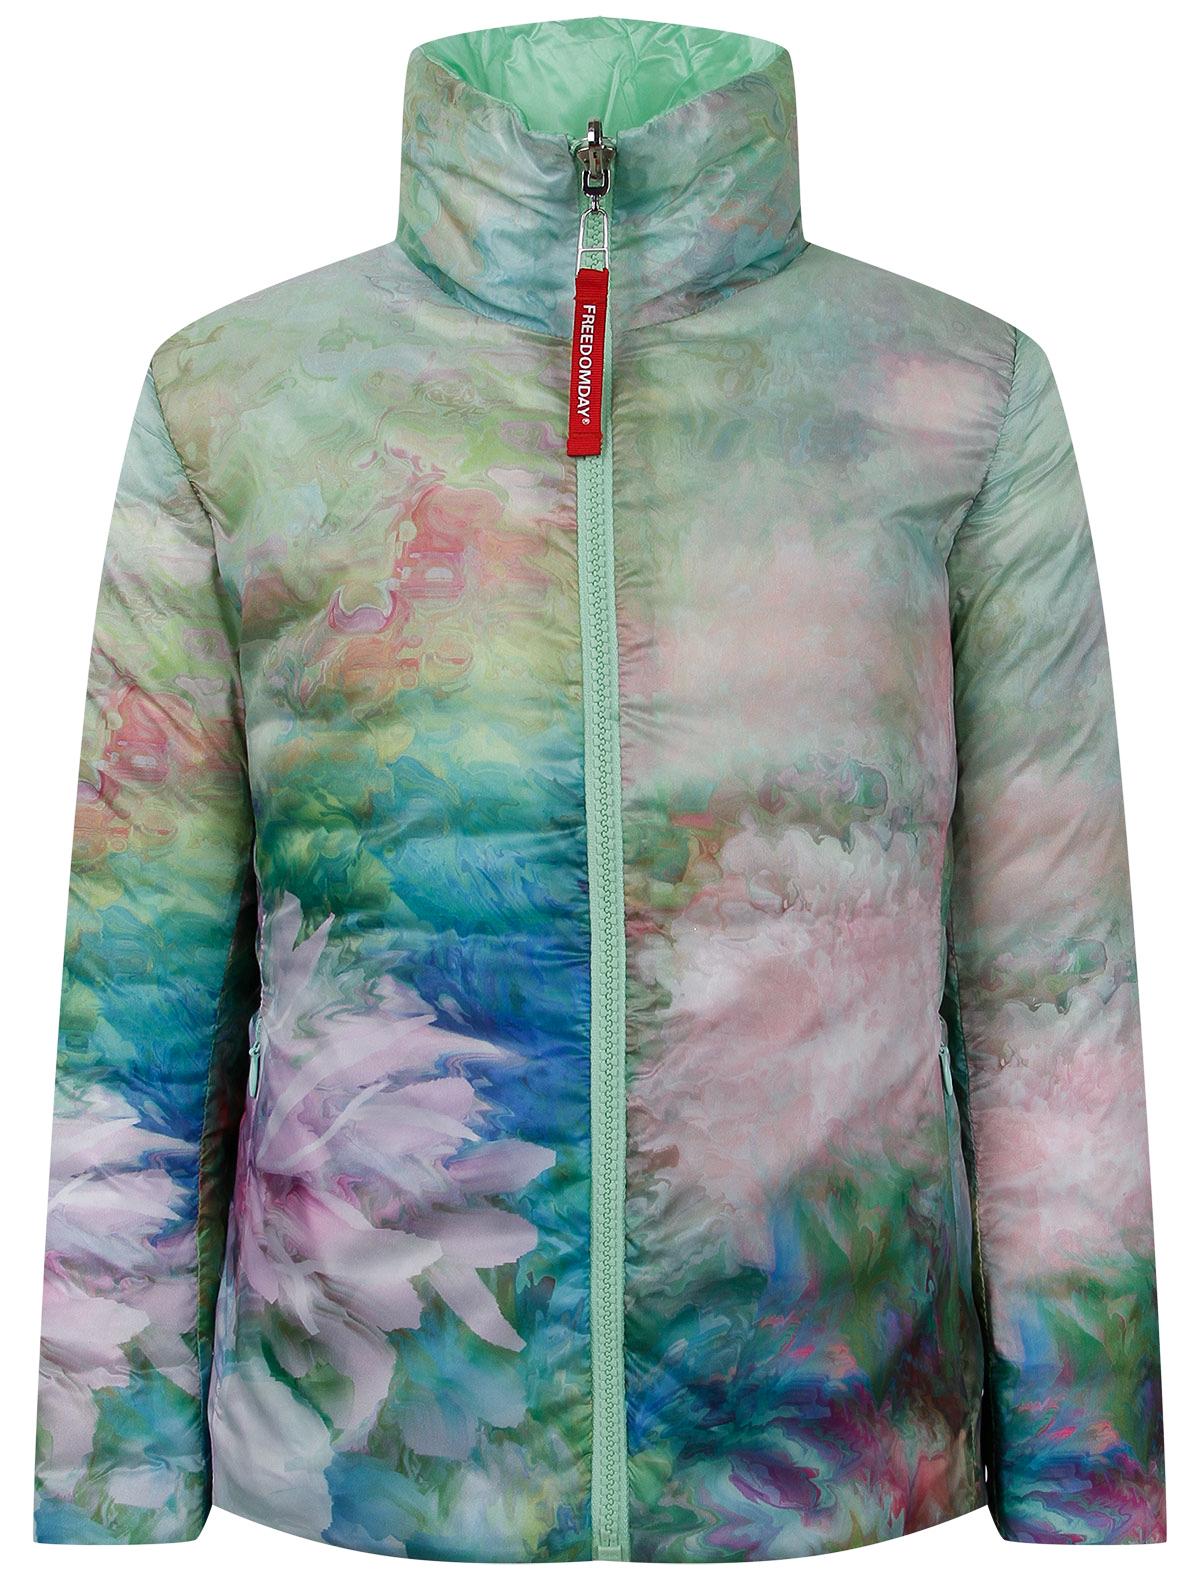 Купить 2295563, Куртка FREEDOMDAY, зеленый, Женский, 1074509171898